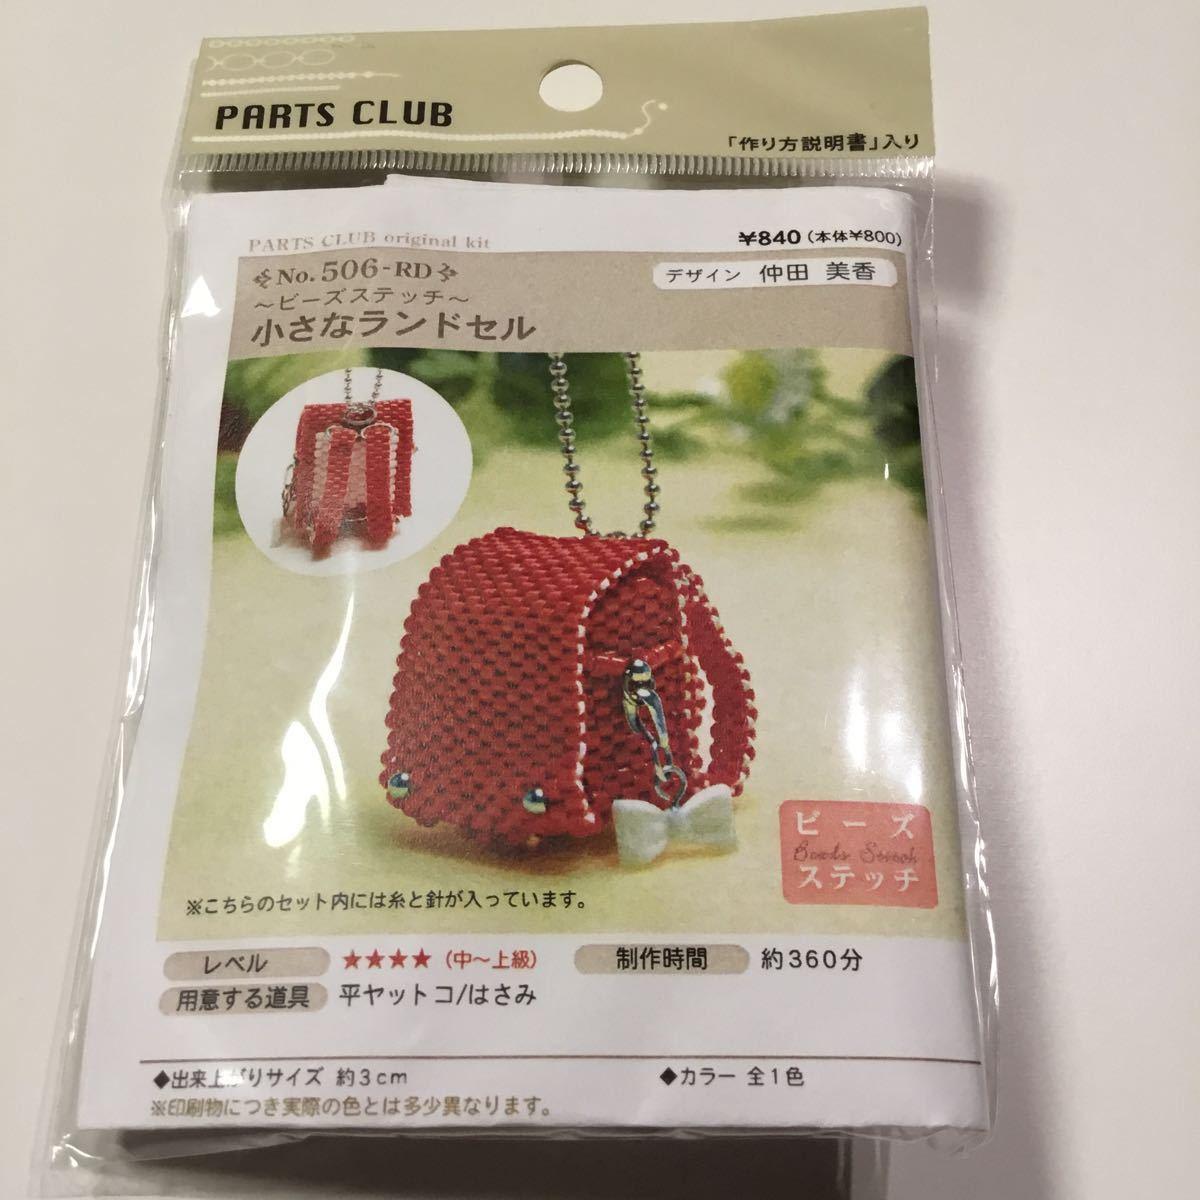 パーツクラブ PARTS CLUB ビーズキット ~ビーズステッチ~小さなランドセル